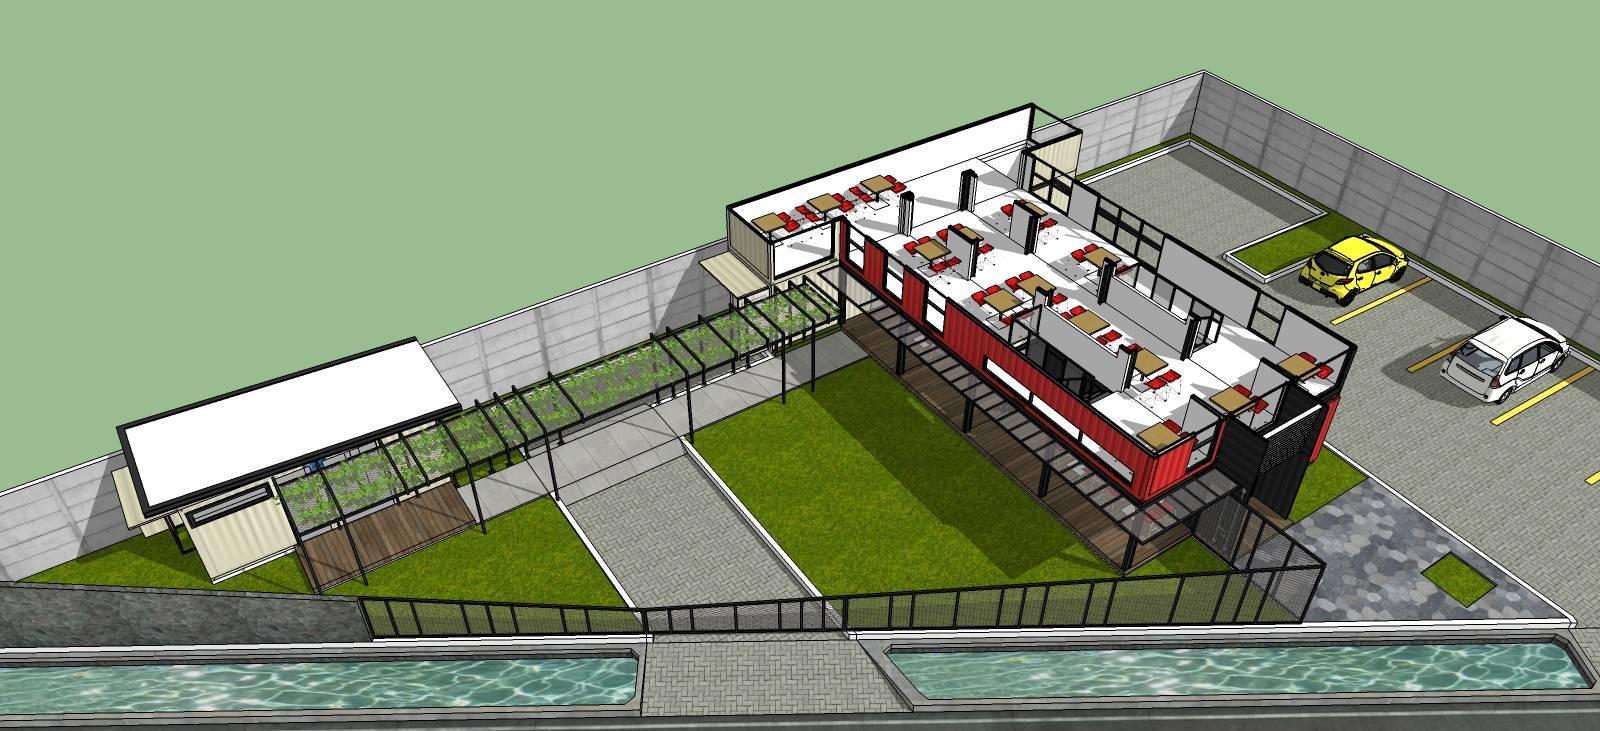 Arsita Studio Architecture Maco Cafe Gresik, Jawa Timur Gresik, Jawa Timur Floor-2 Industrial  3286